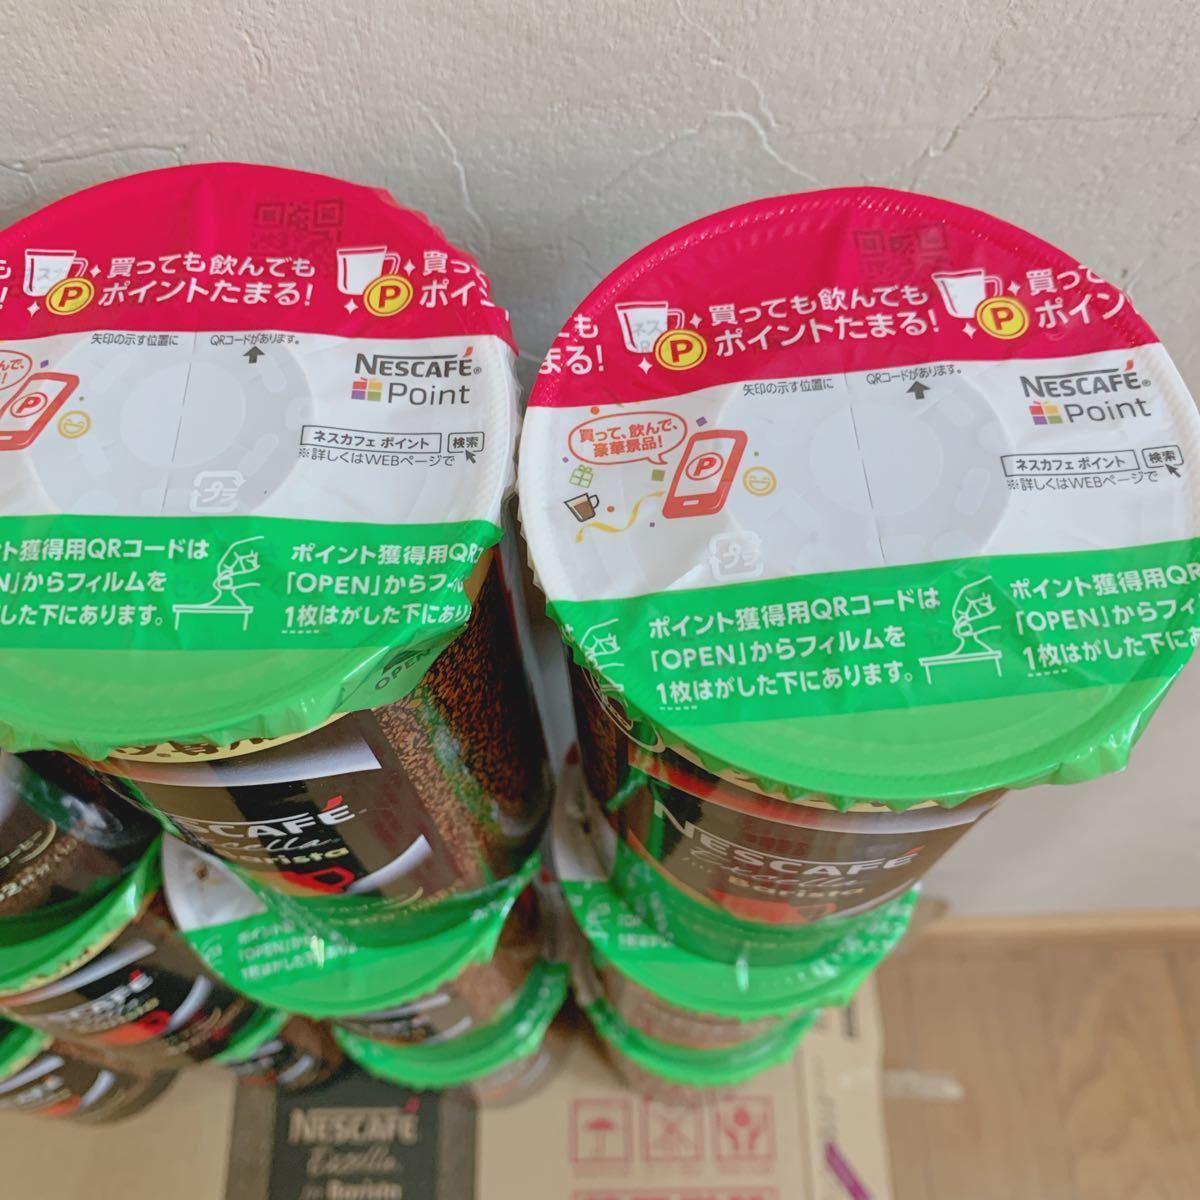 ネスカフェ ゴールドブレンド バリスタ ネスカフェ 詰め替え用 箱売り 105g×12本 ラスト!